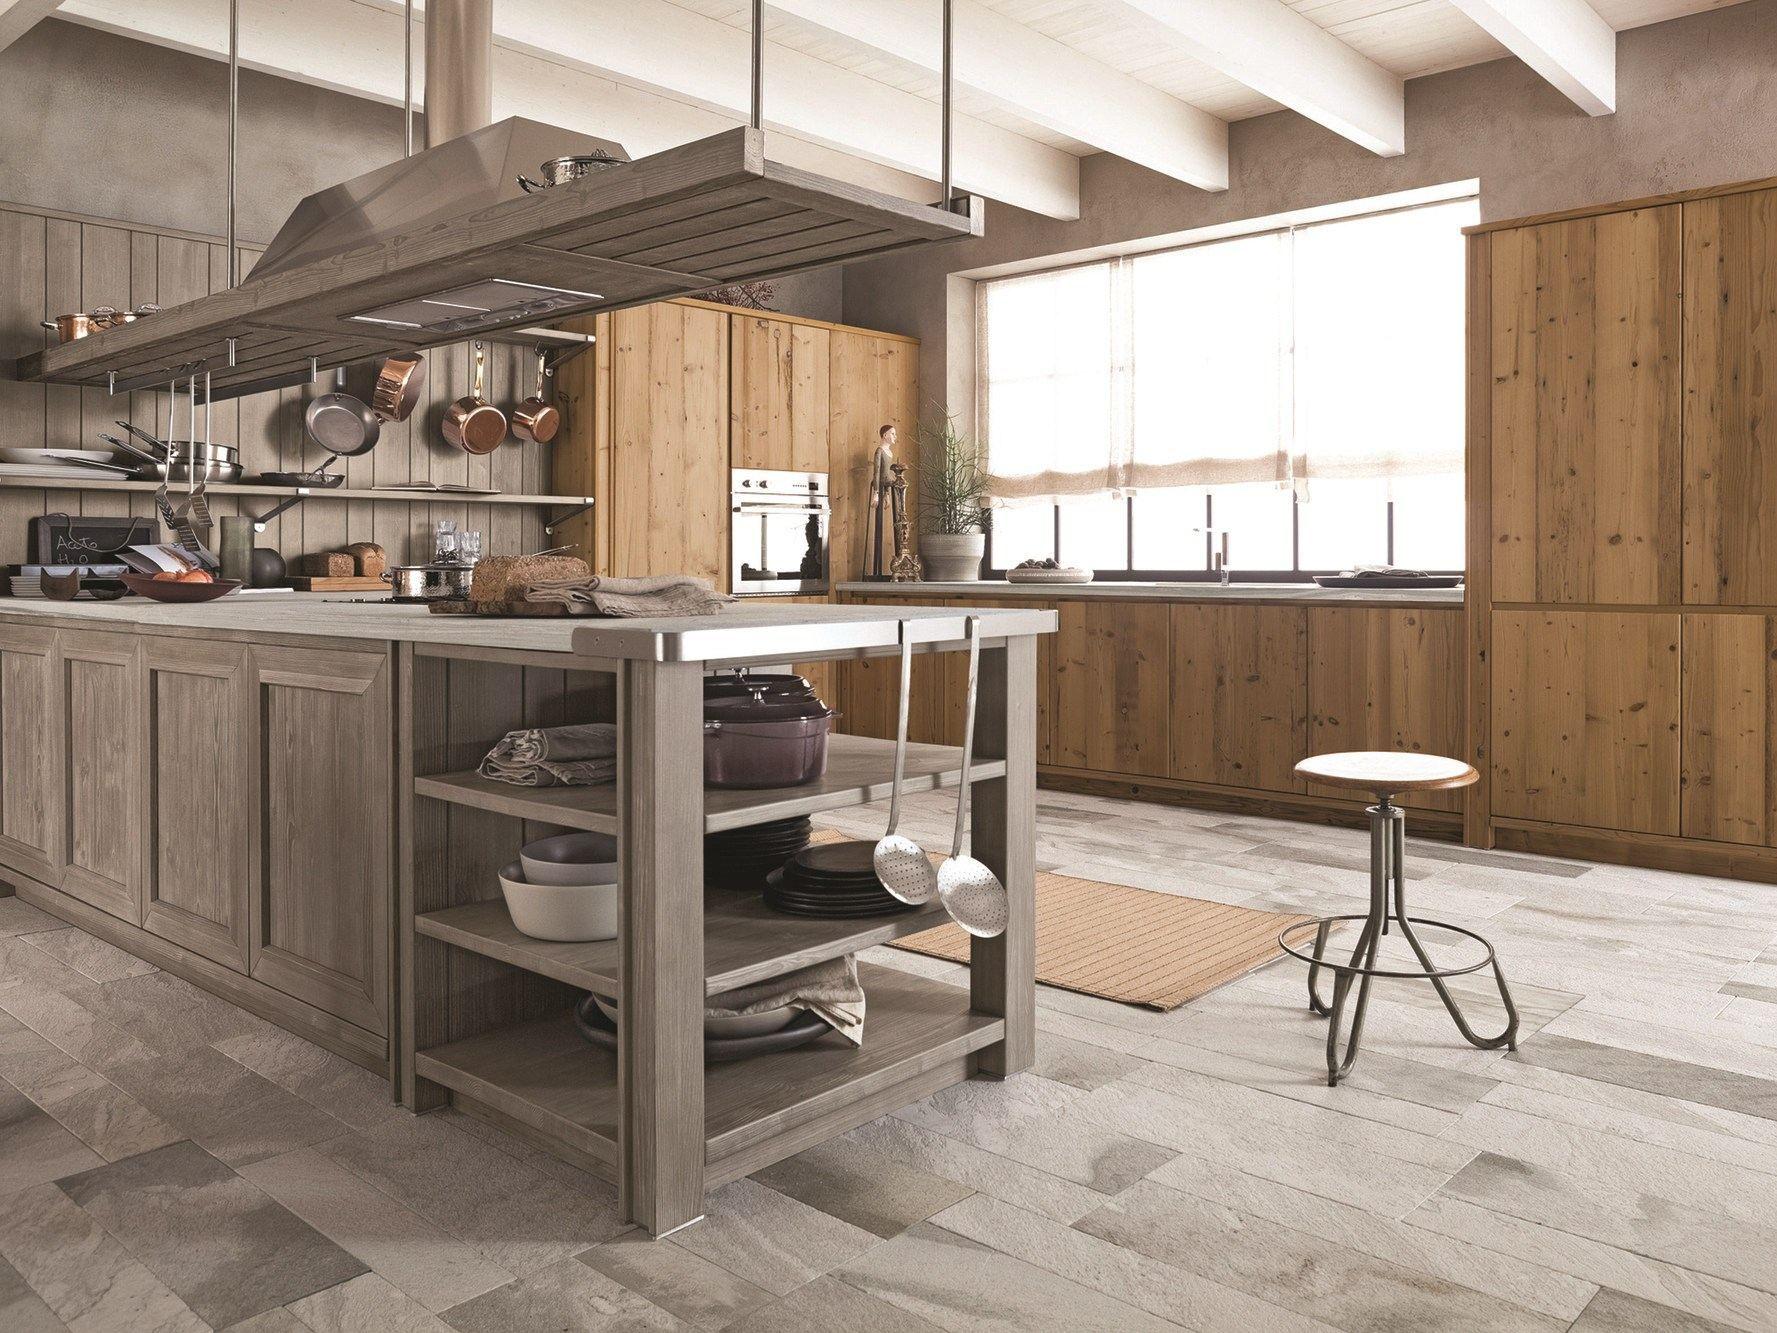 Oltre 25 fantastiche idee su Cucina in ardesia su Pinterest | Mini ...